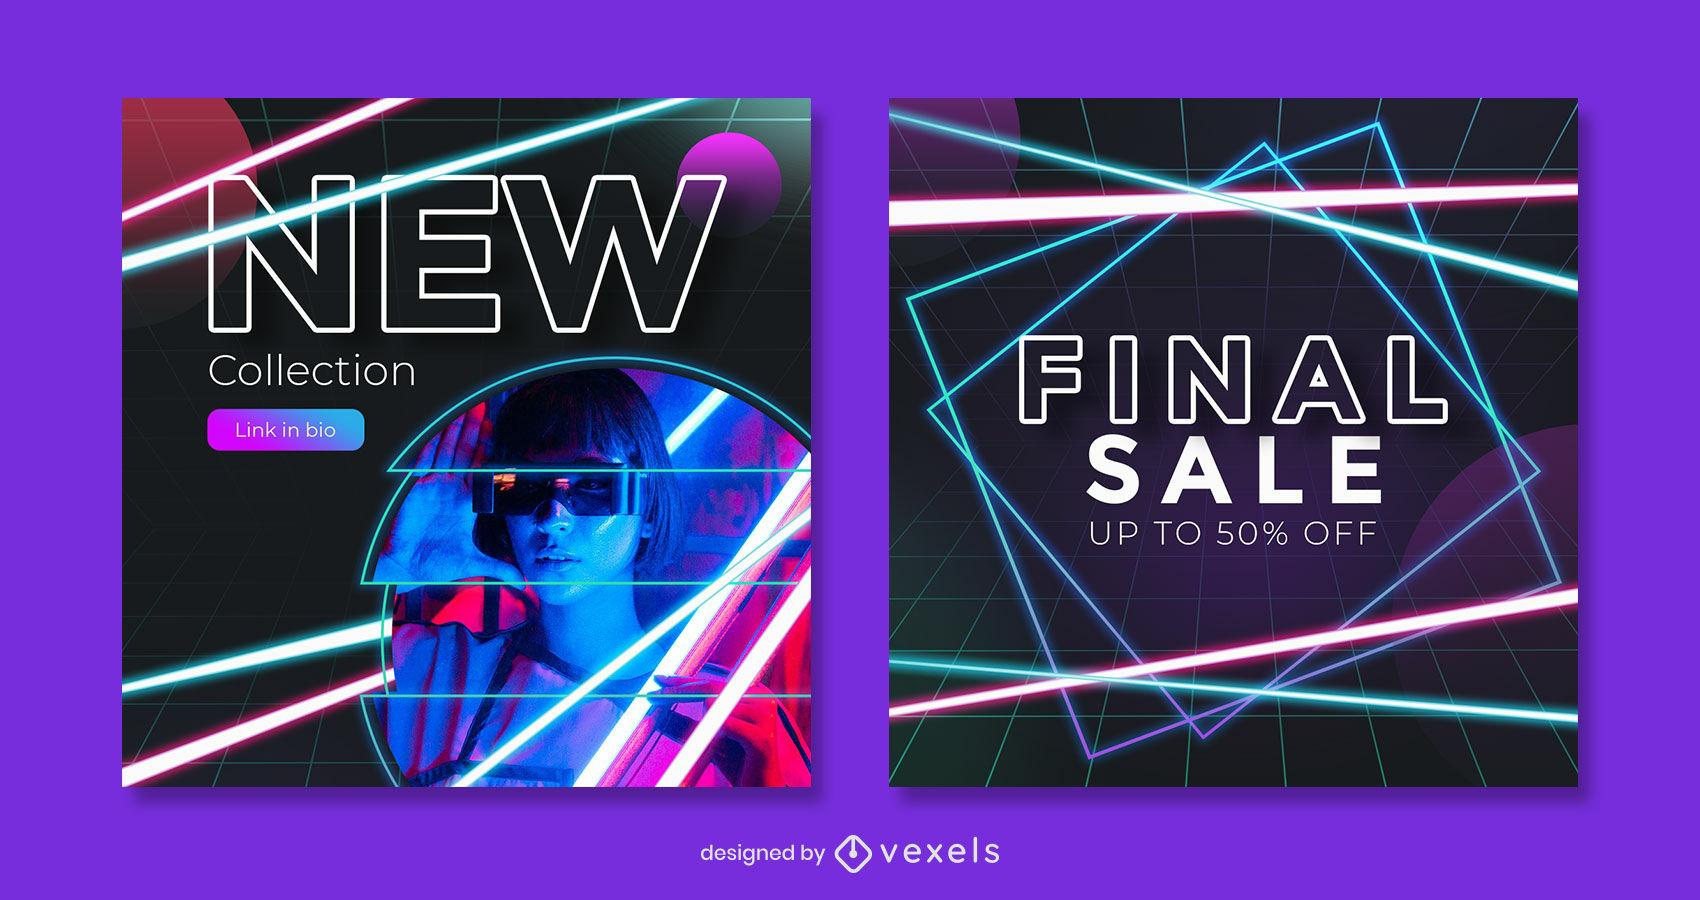 Neon sale instagram post template